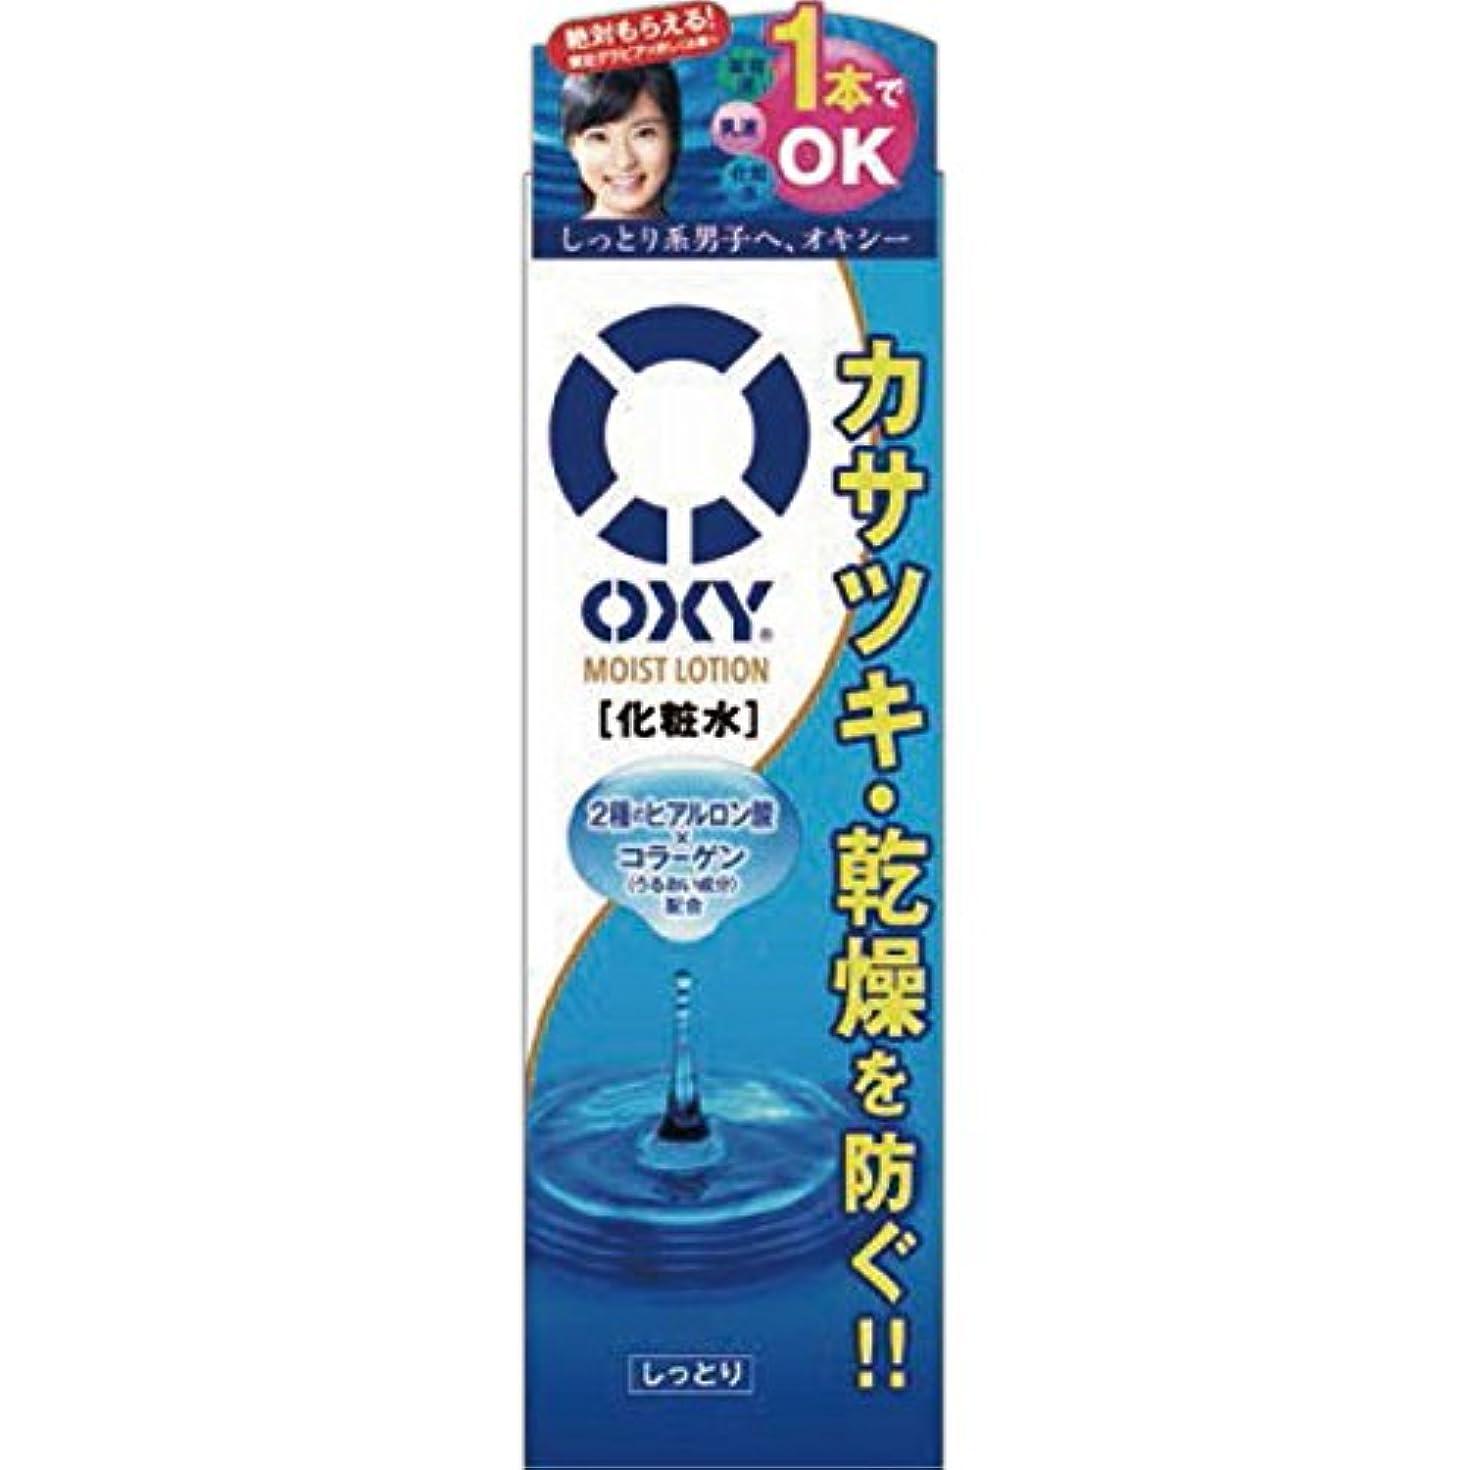 強風士気恐怖症オキシー (Oxy) モイストローション オールインワン化粧水 2種のヒアルロン酸×コラーゲン配合 ゼラニウムの香 170mL